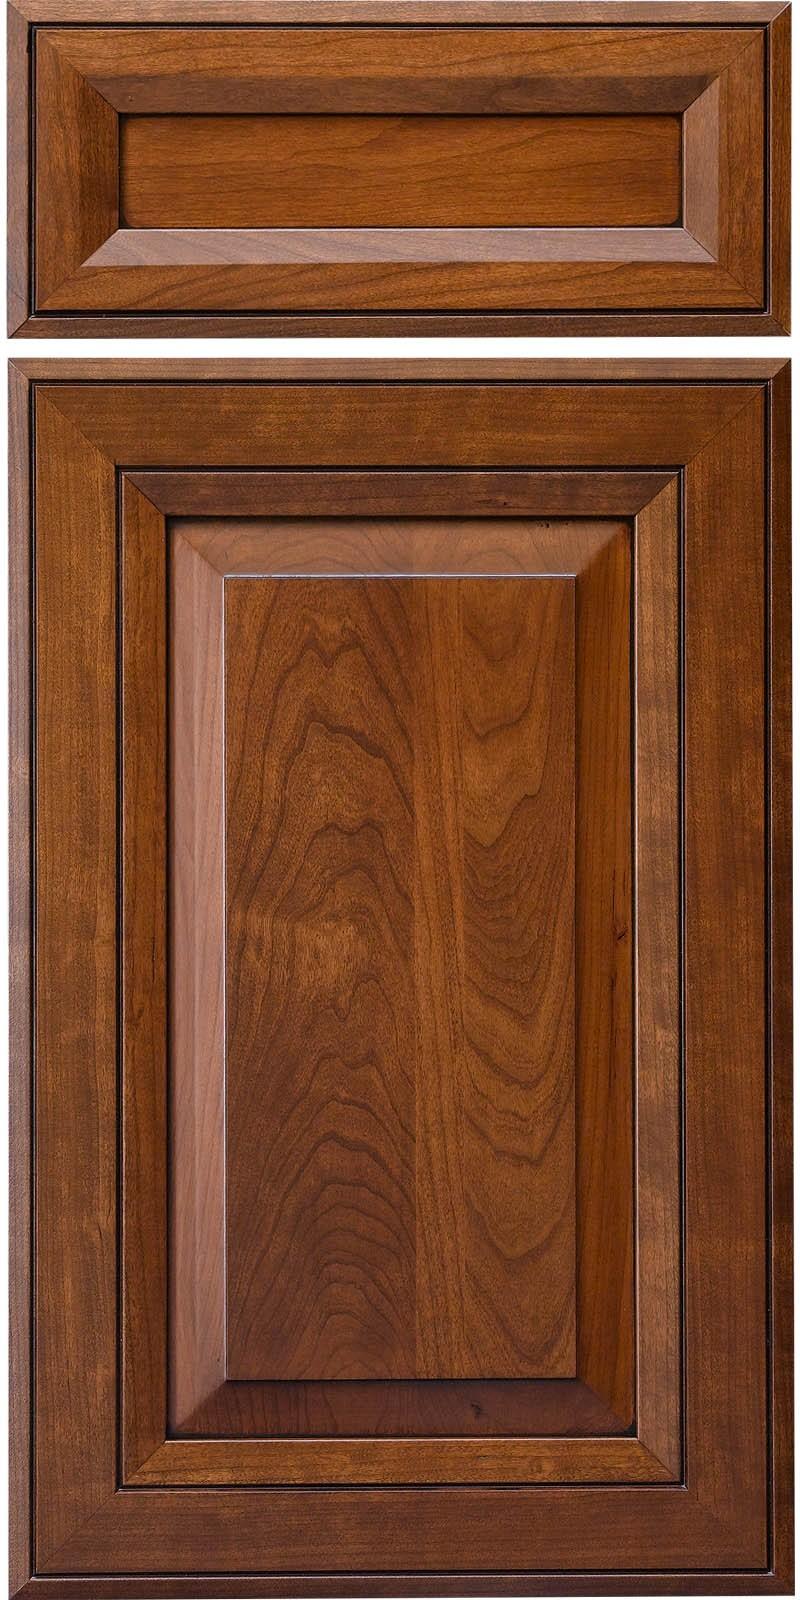 Prestige European Design Styles Cabinet Doors